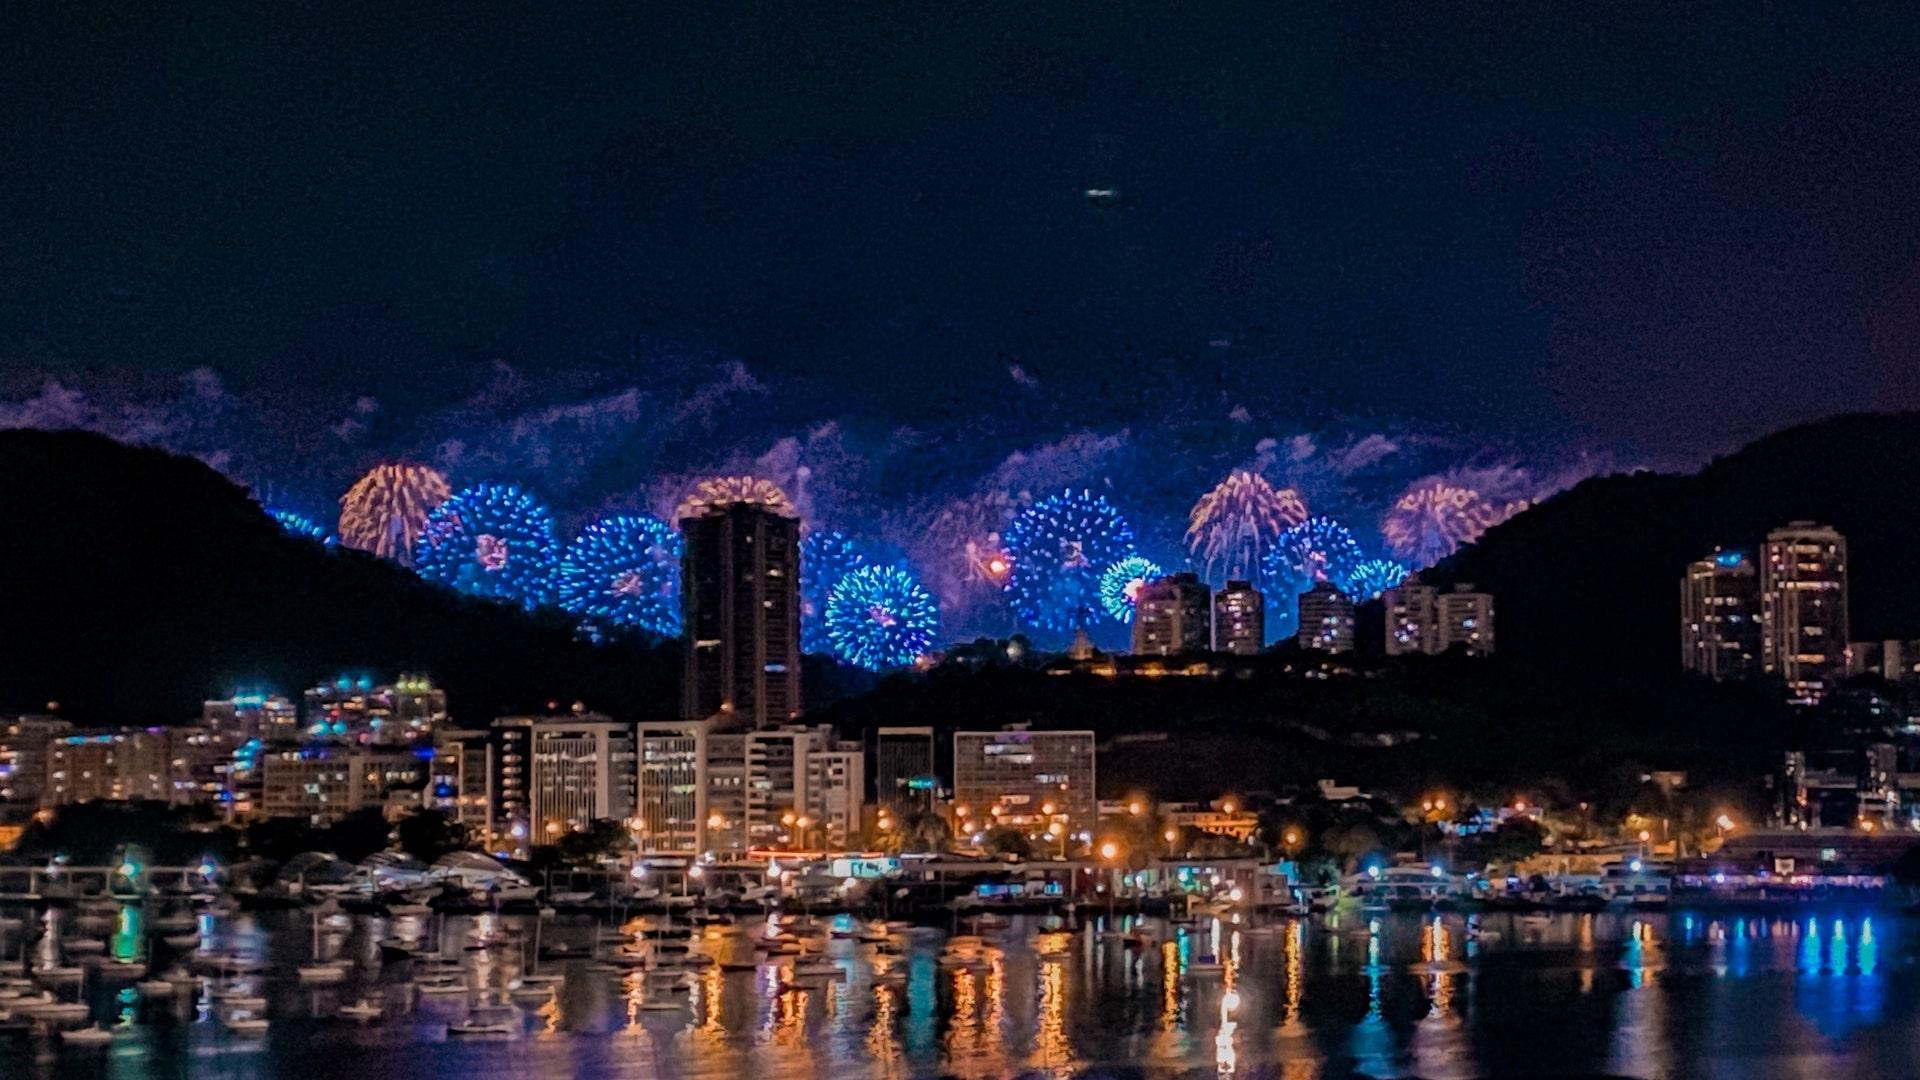 desejos para o ano novo - Reveillon Rio de Janeiro